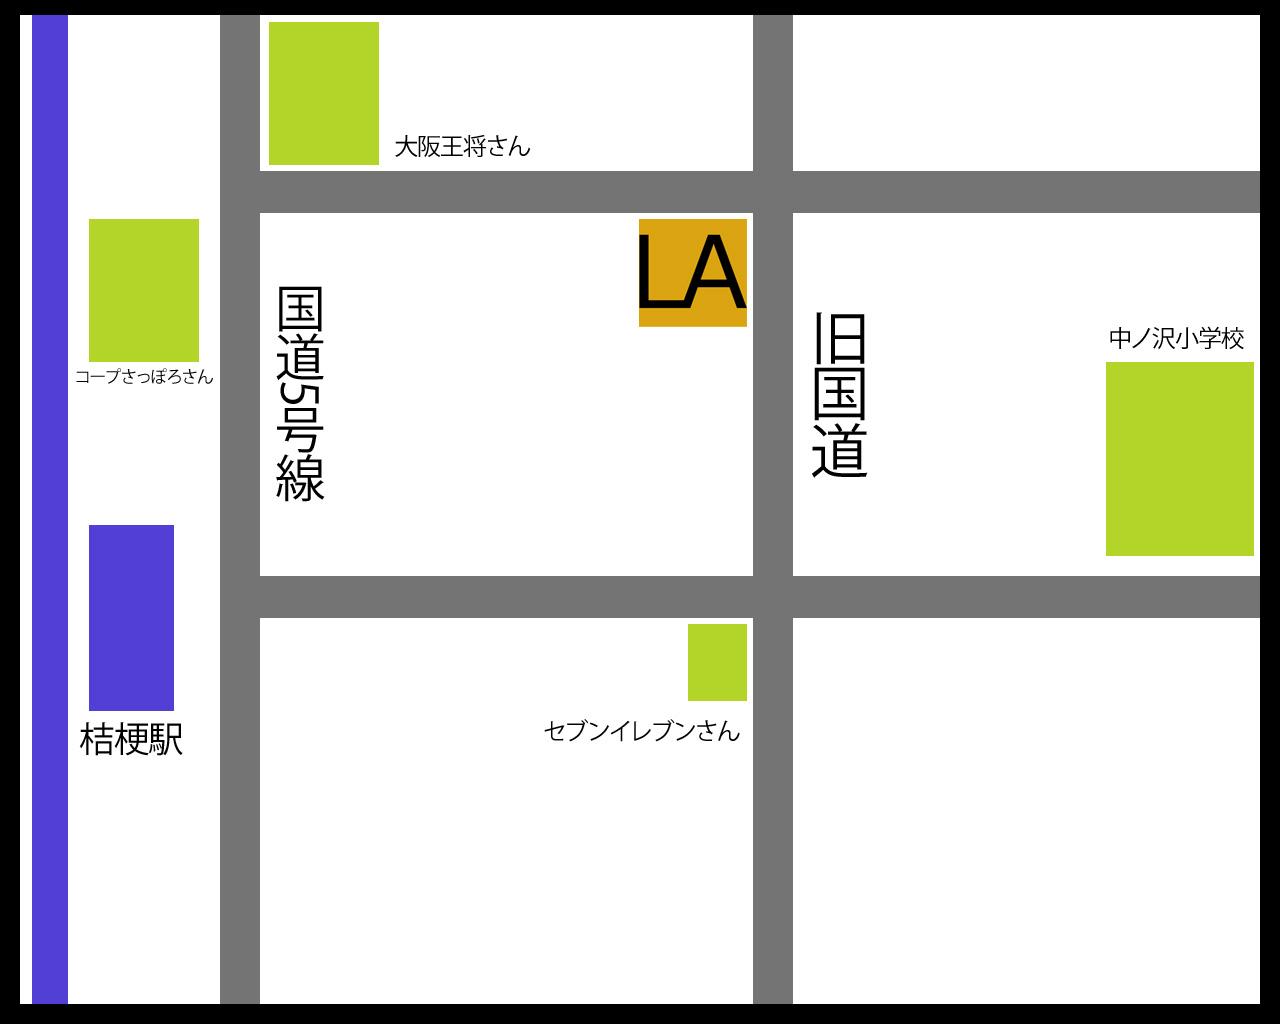 ラディークのアクセスマップ